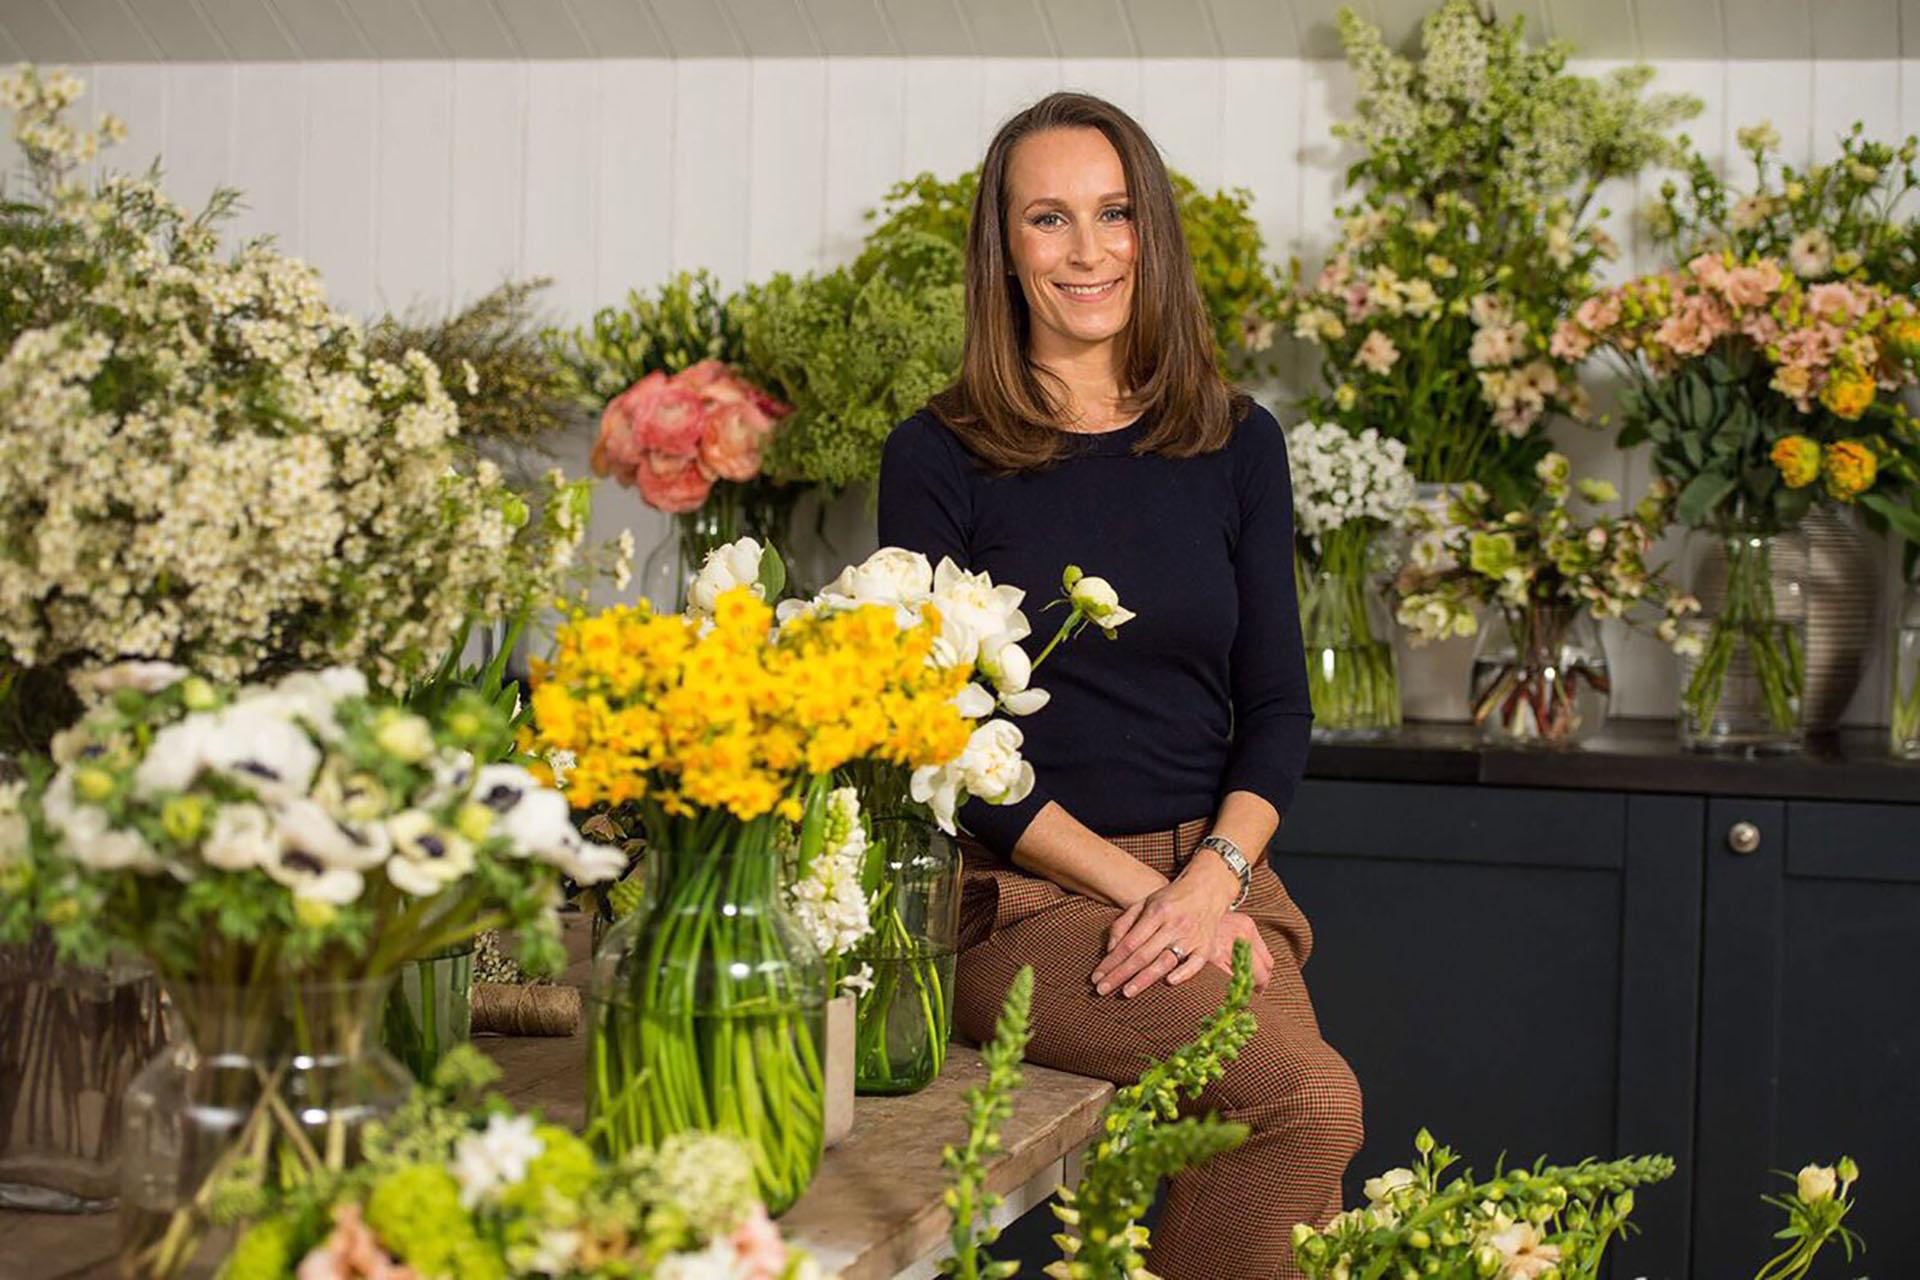 Para adornar tanto la capilla real como el enorme salón donde se celebrará el banquete, el príncipe Harry y su novia eligieron a la diseñadora floral Philippa Craddock.